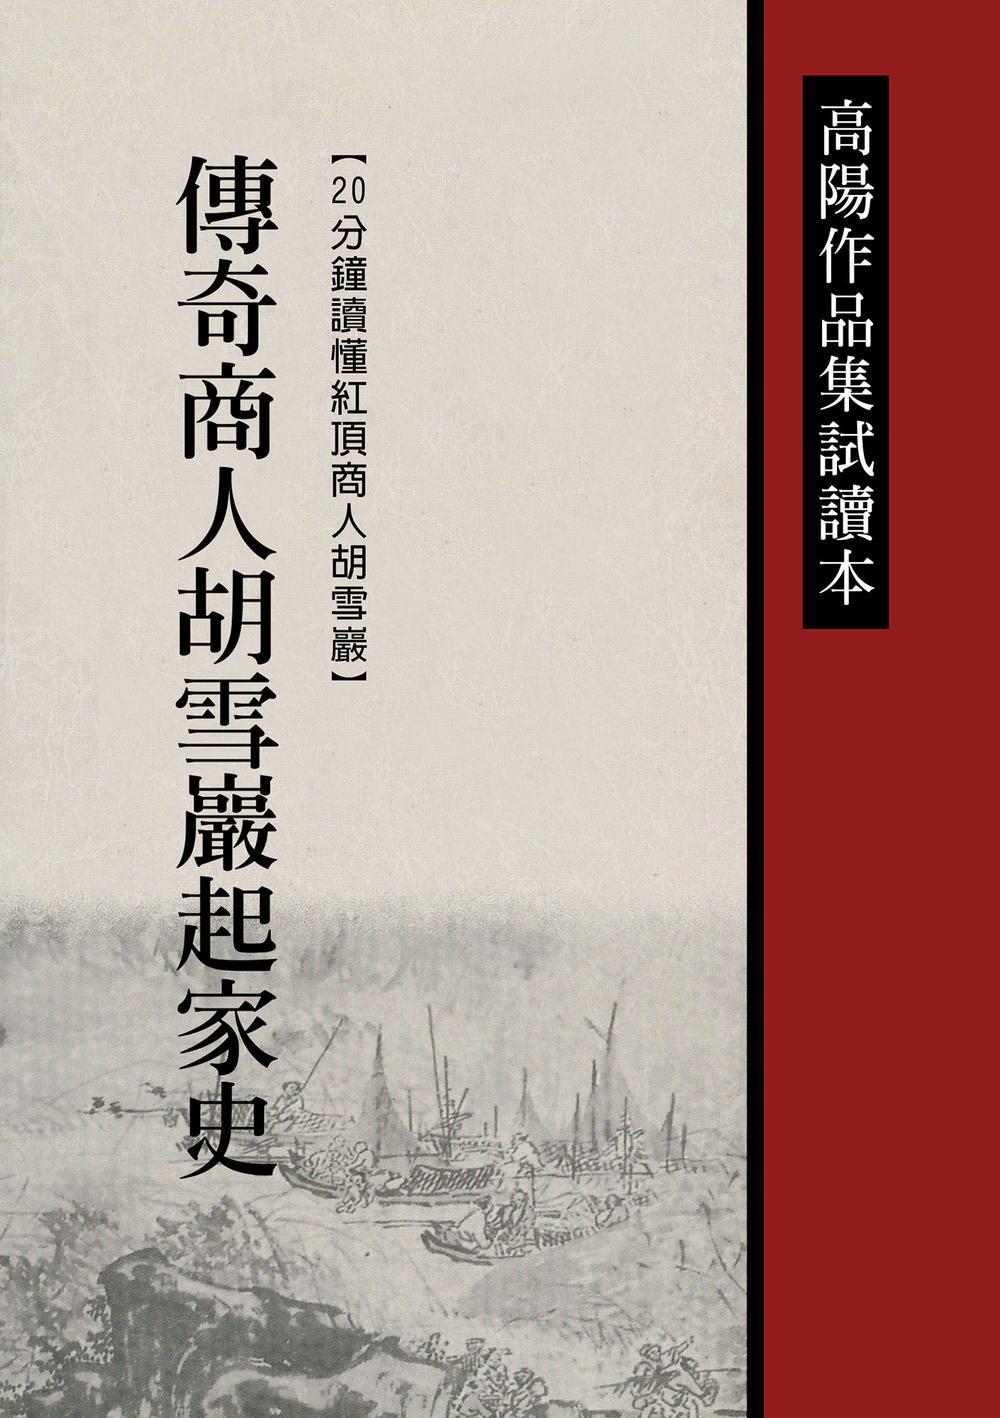 【試讀本】20分鐘讀懂紅頂商人胡雪巖:傳奇商人胡雪巖起家史 (電子書)